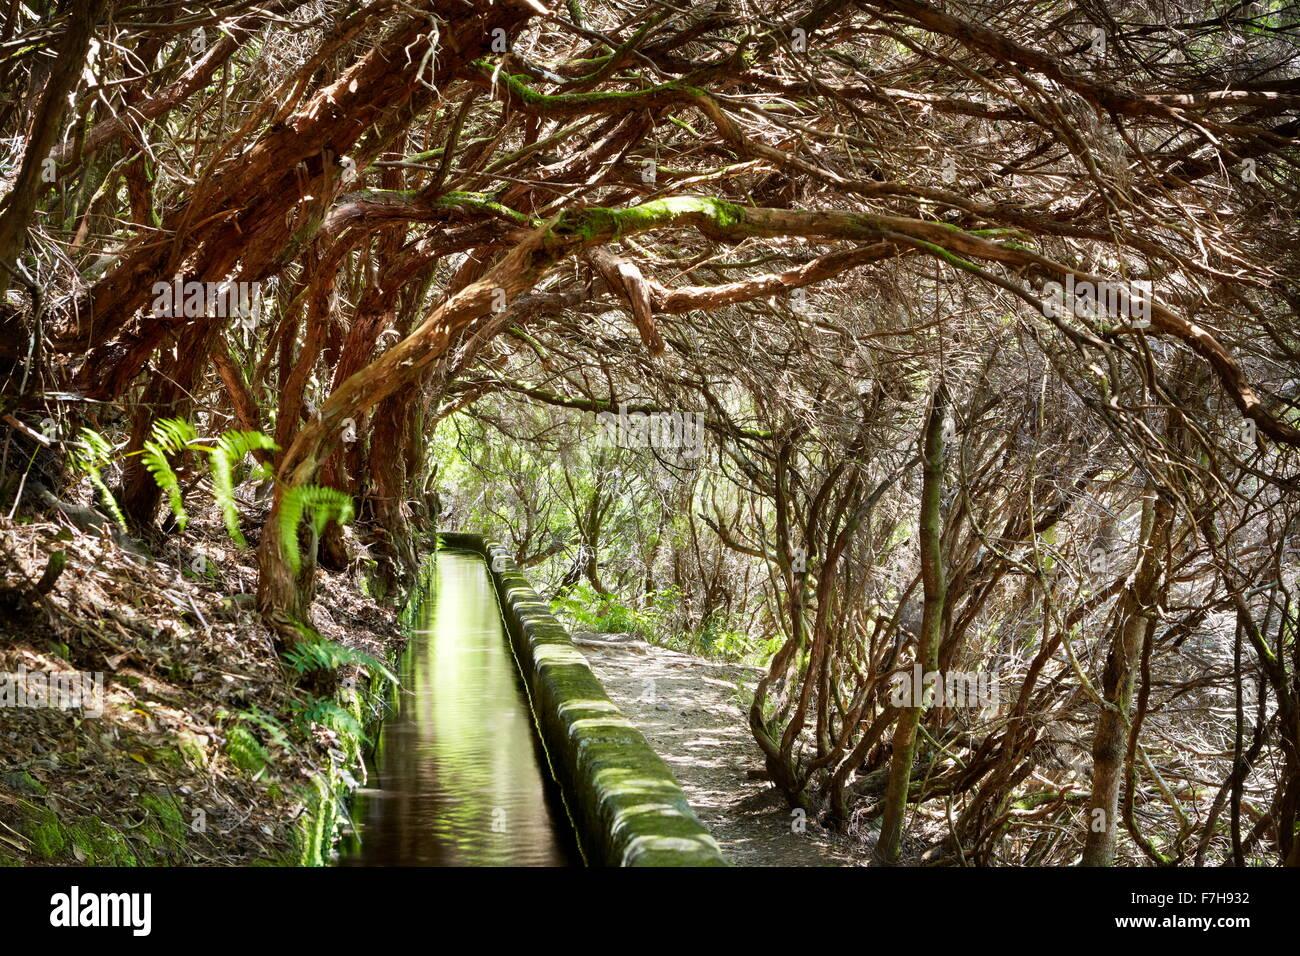 Levada Das, die Kanal 25 Fontes, Lorbeerwald und Bewässerung, die rabacal, Insel Madeira, Portugal Stockbild